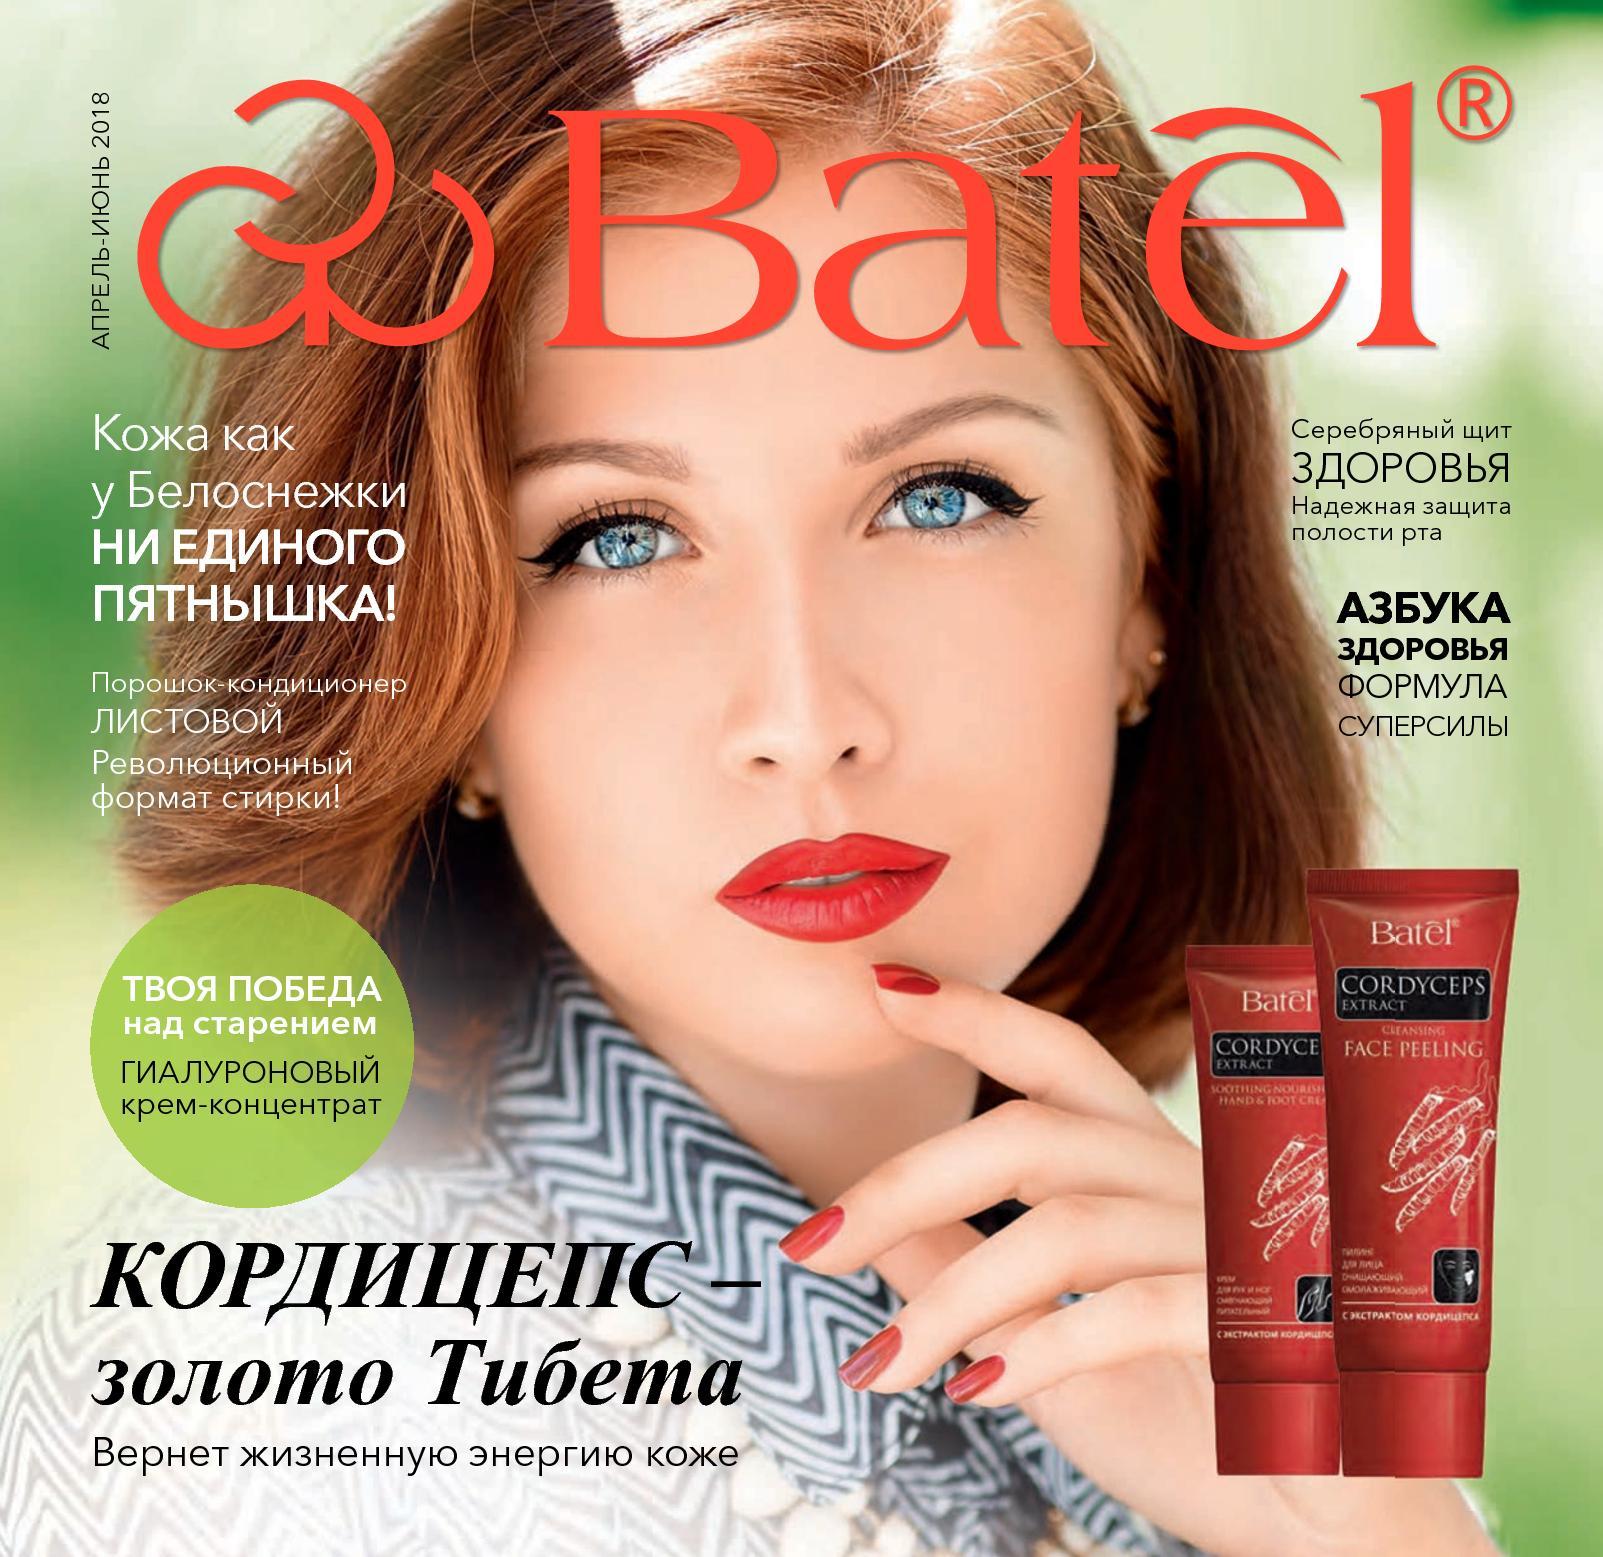 Причины выпадения волос у женщин — внутренние и внешние, Азбука здоровья